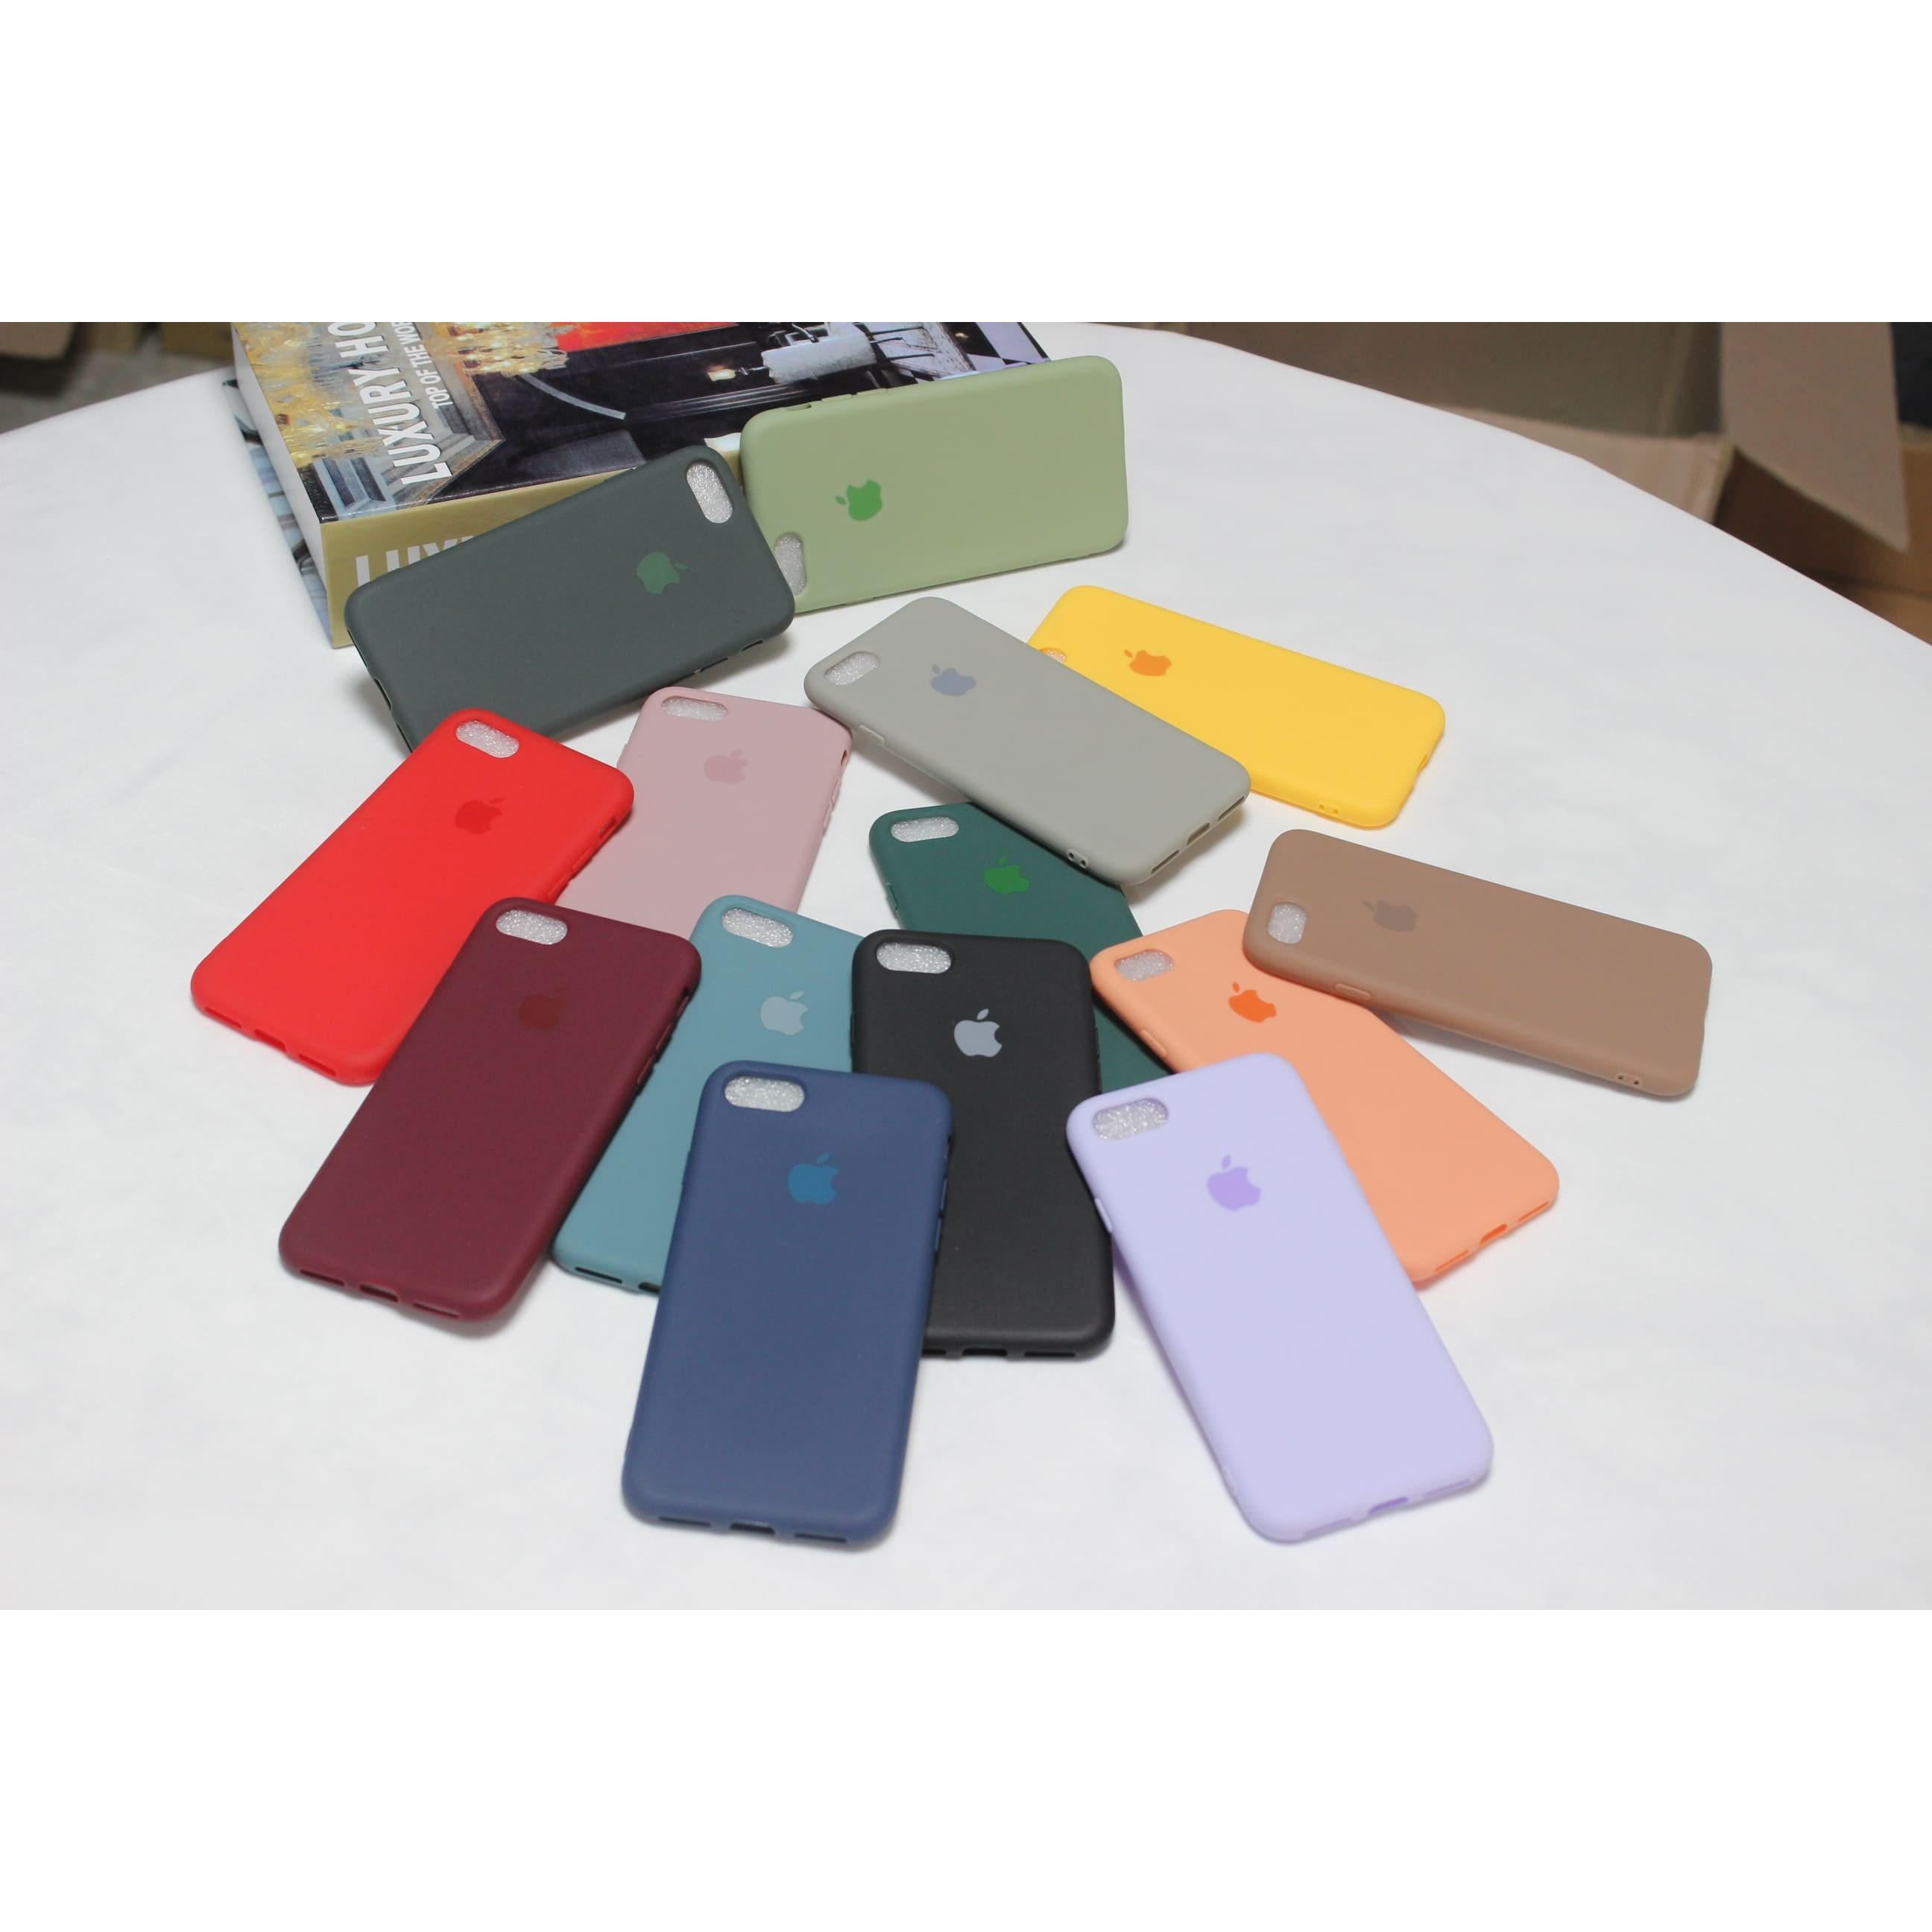 아이폰 풀커버 케이스 파스텔 실리콘 사과 로고 젤리 아이폰 7 8 플러스 X Xs Xr 11 pro max